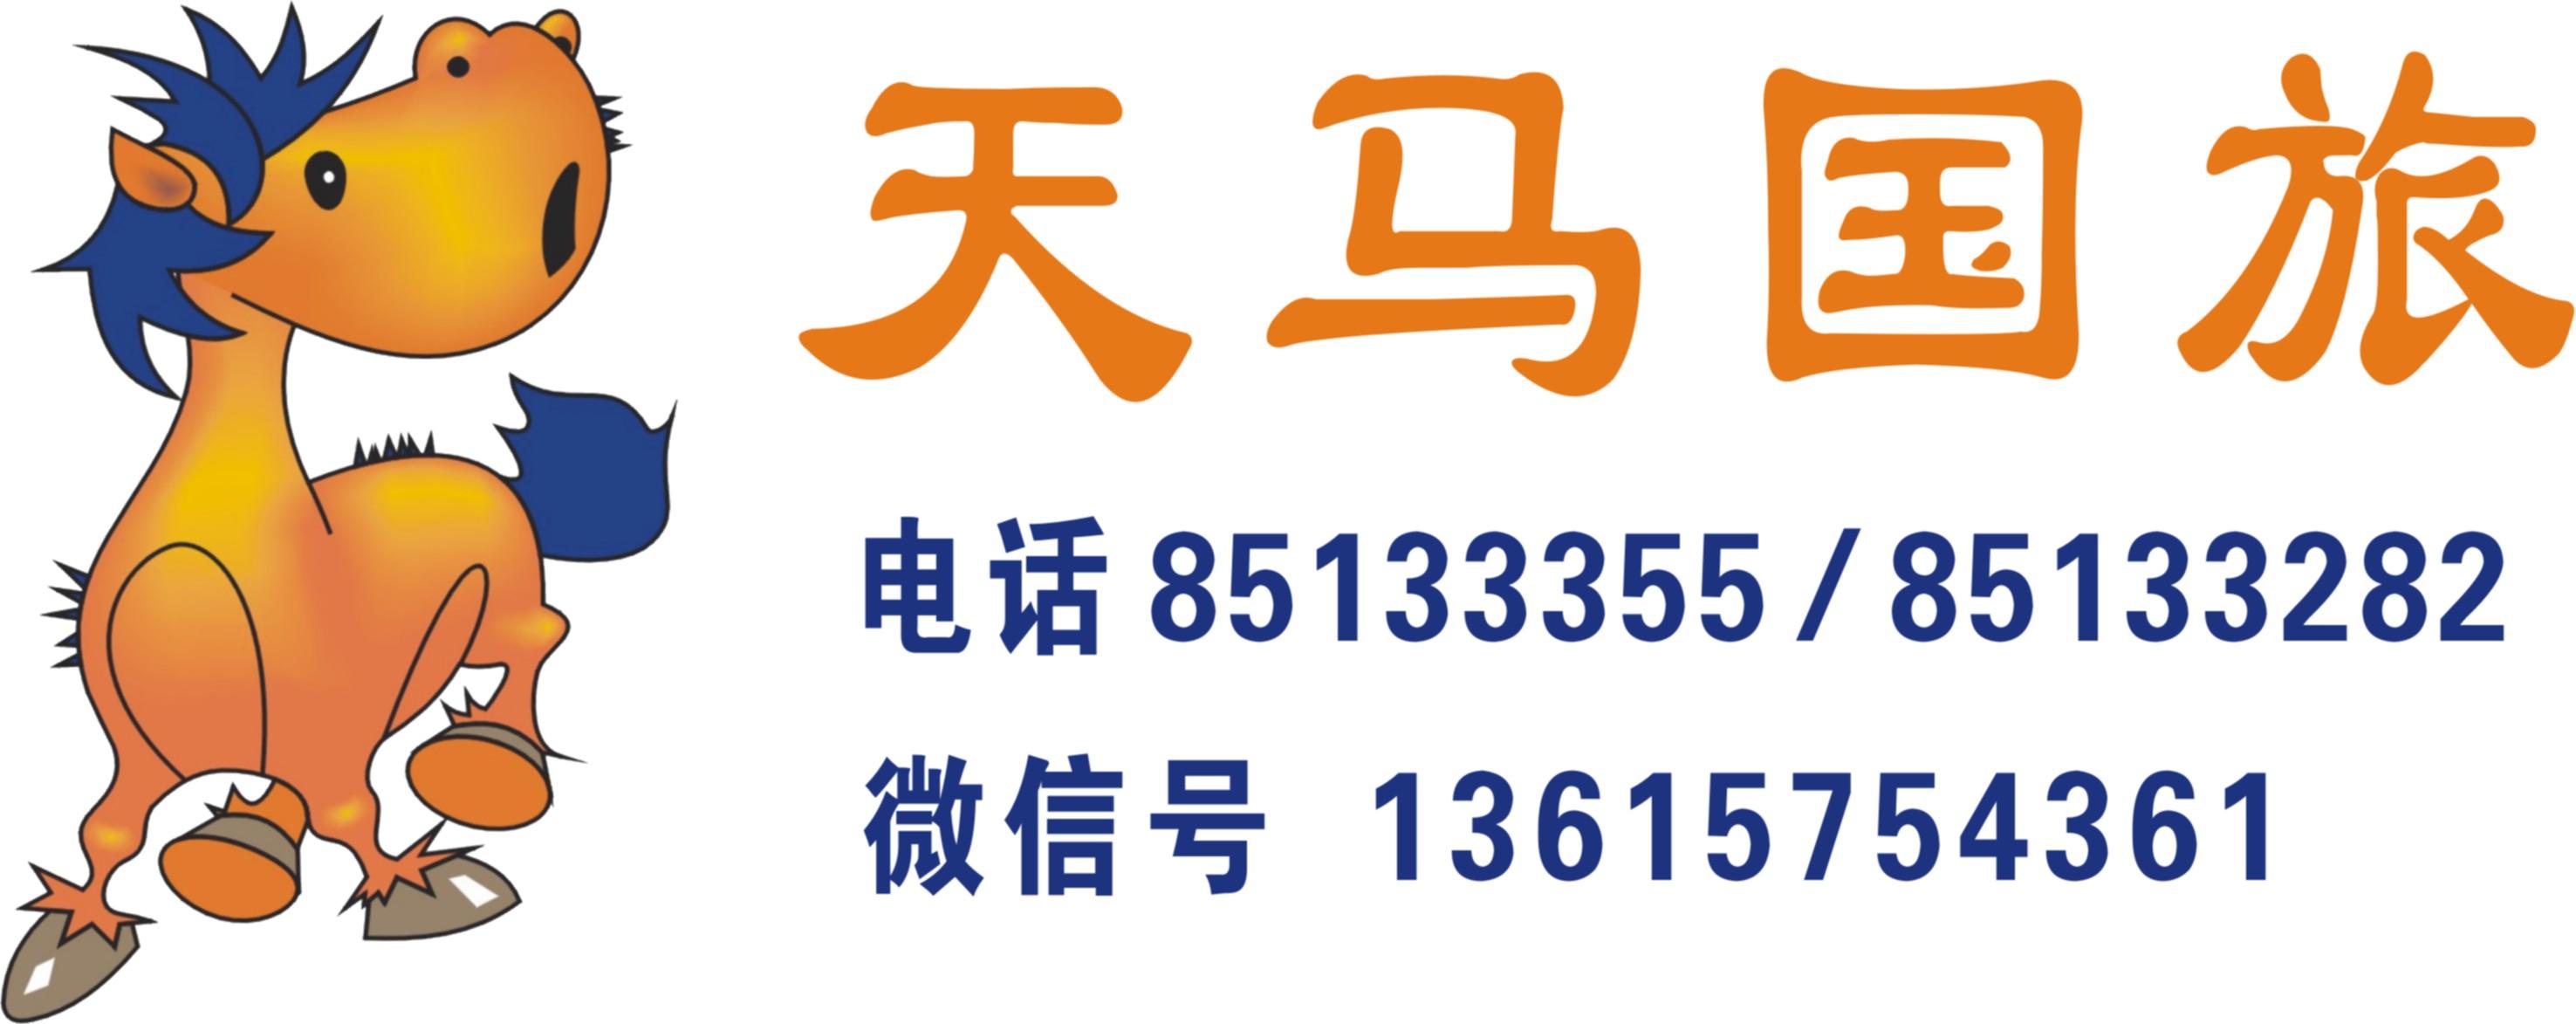 6月【大美滇行 丽江大理香格里拉双飞6日】虎跳峡 玉龙雪山